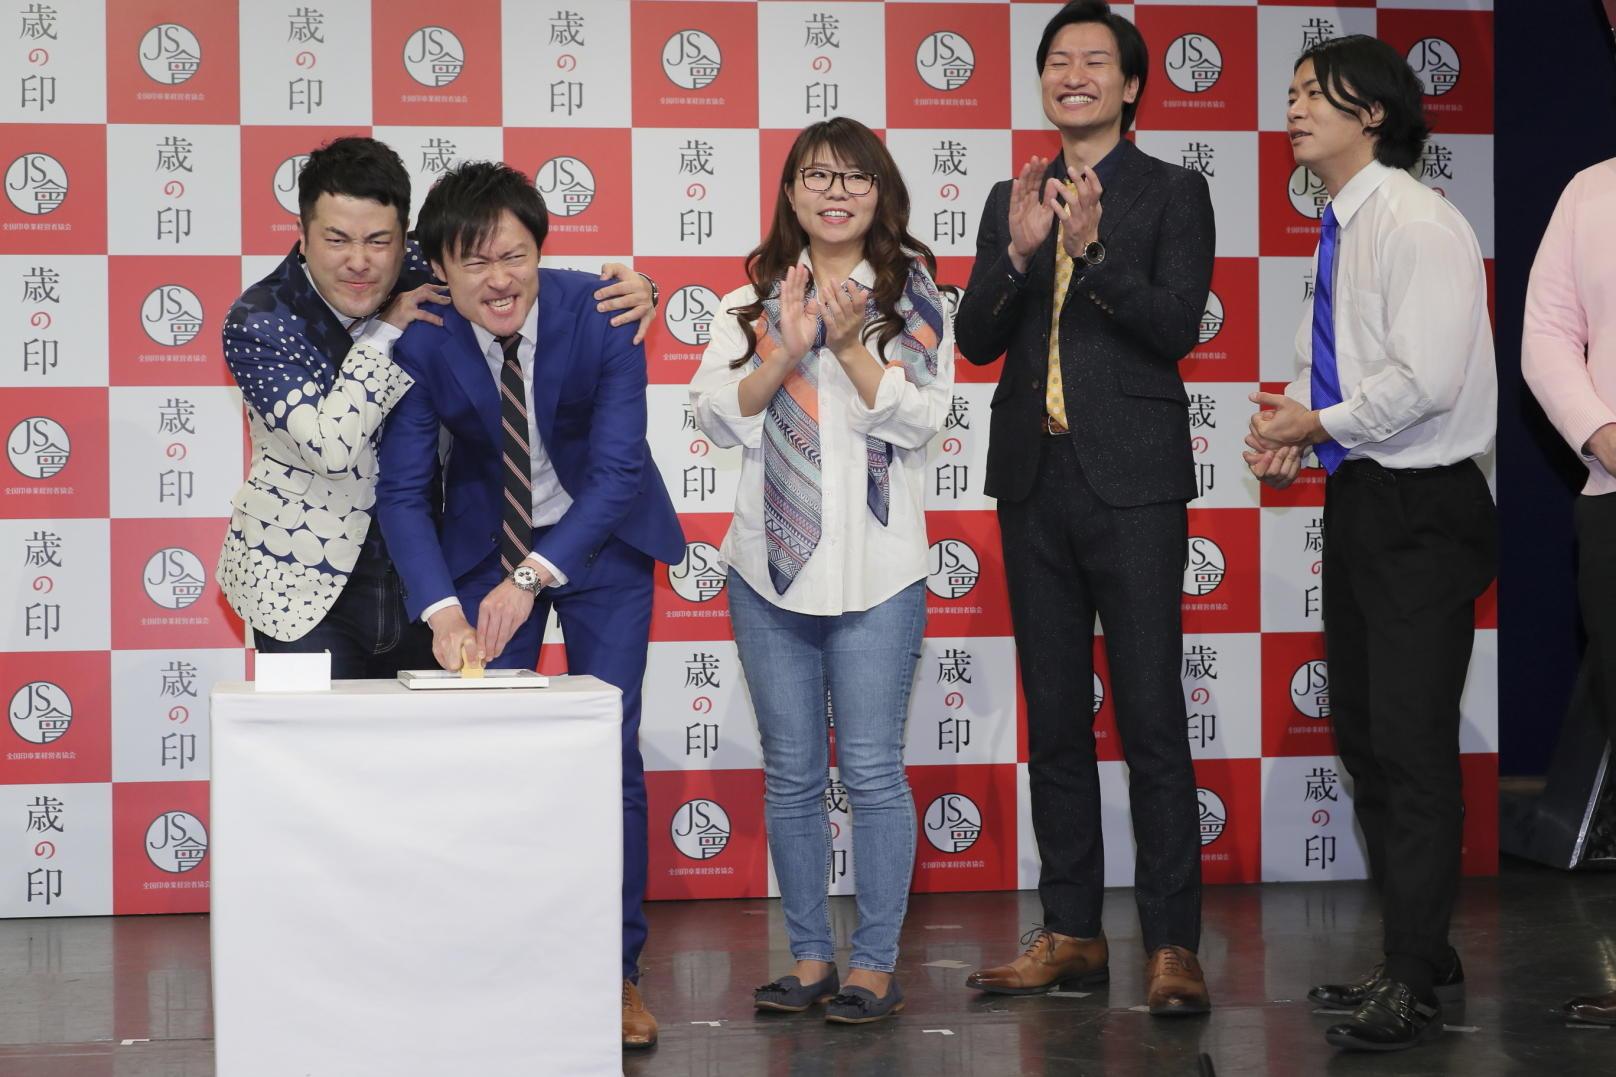 http://news.yoshimoto.co.jp/20171204171858-e487a9e35e1f1372aa66f1a323b5b89a1113988d.jpg